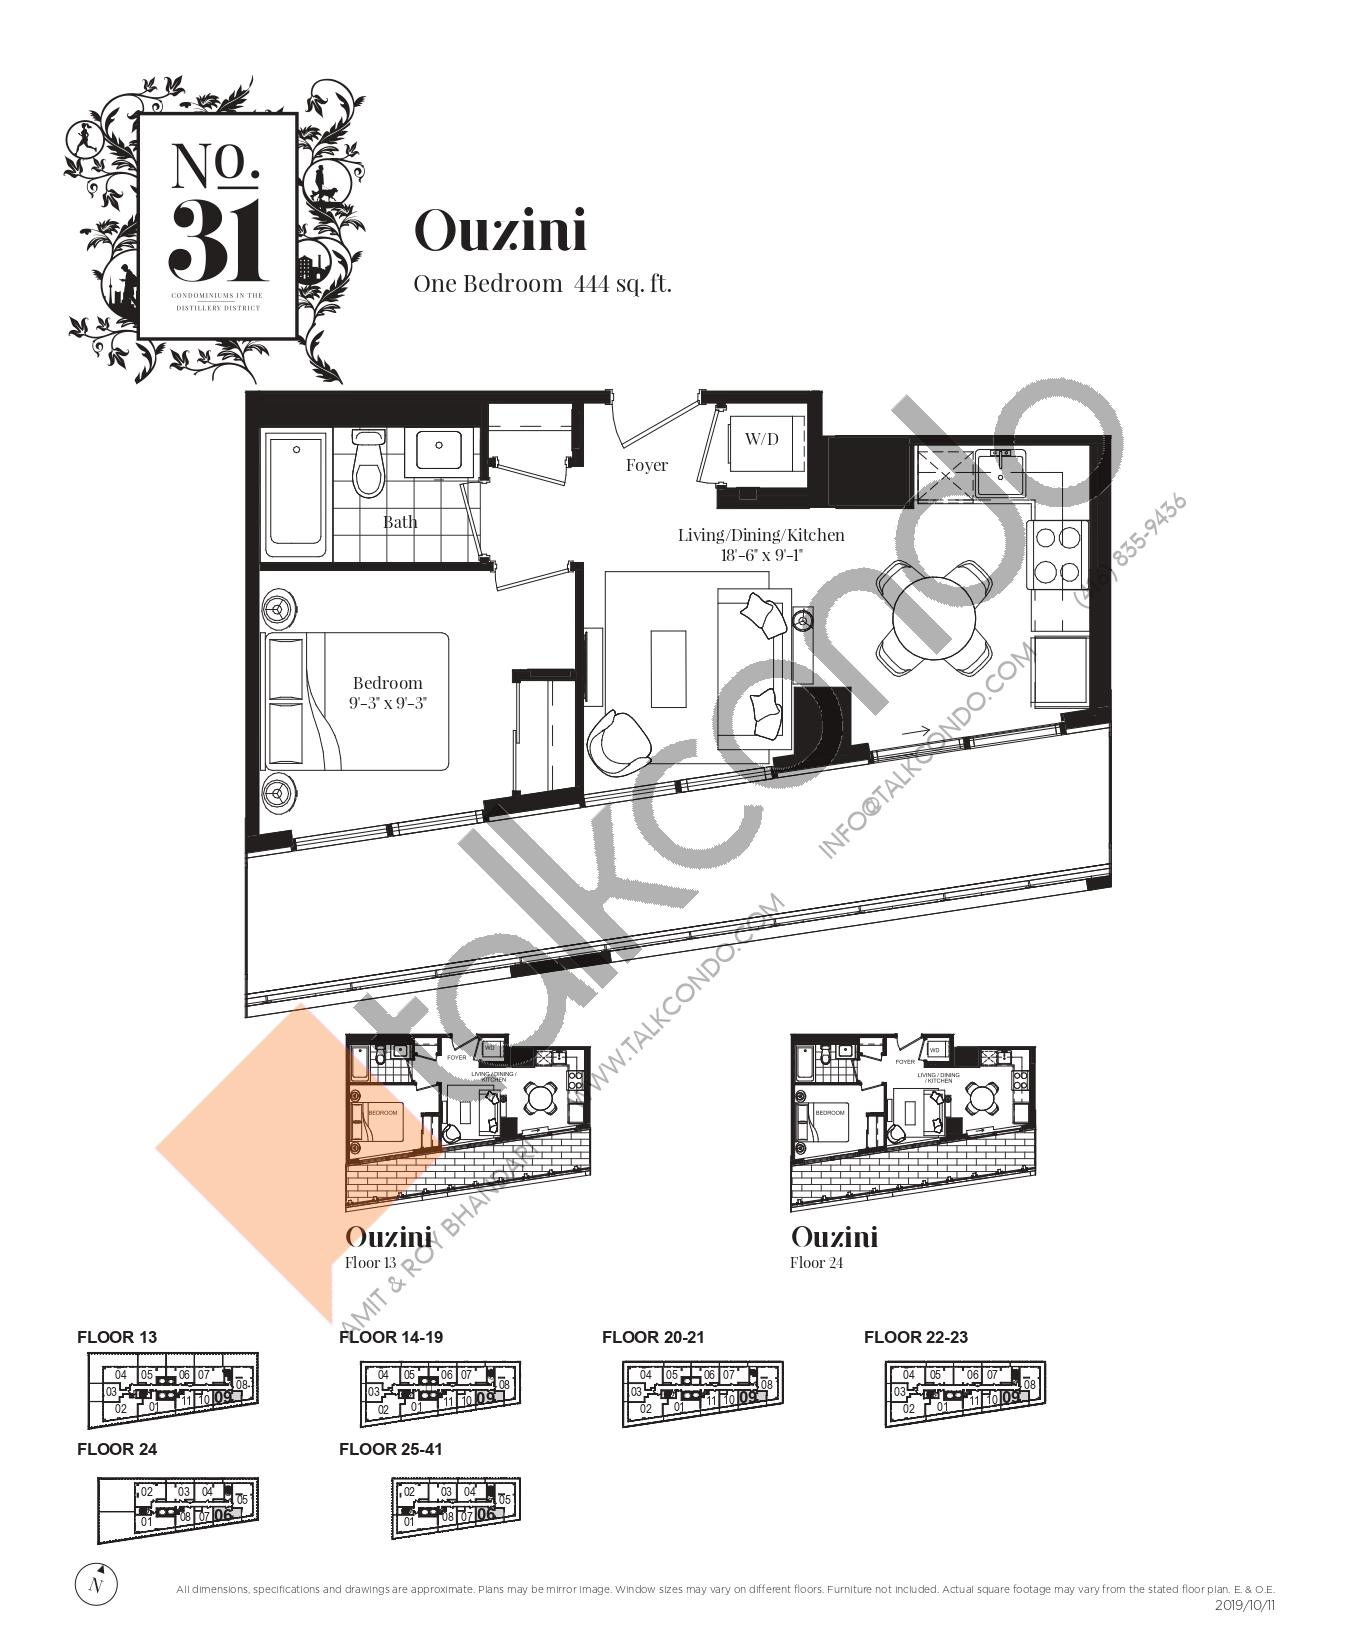 Ouzini Floor Plan at No. 31 Condos - 444 sq.ft